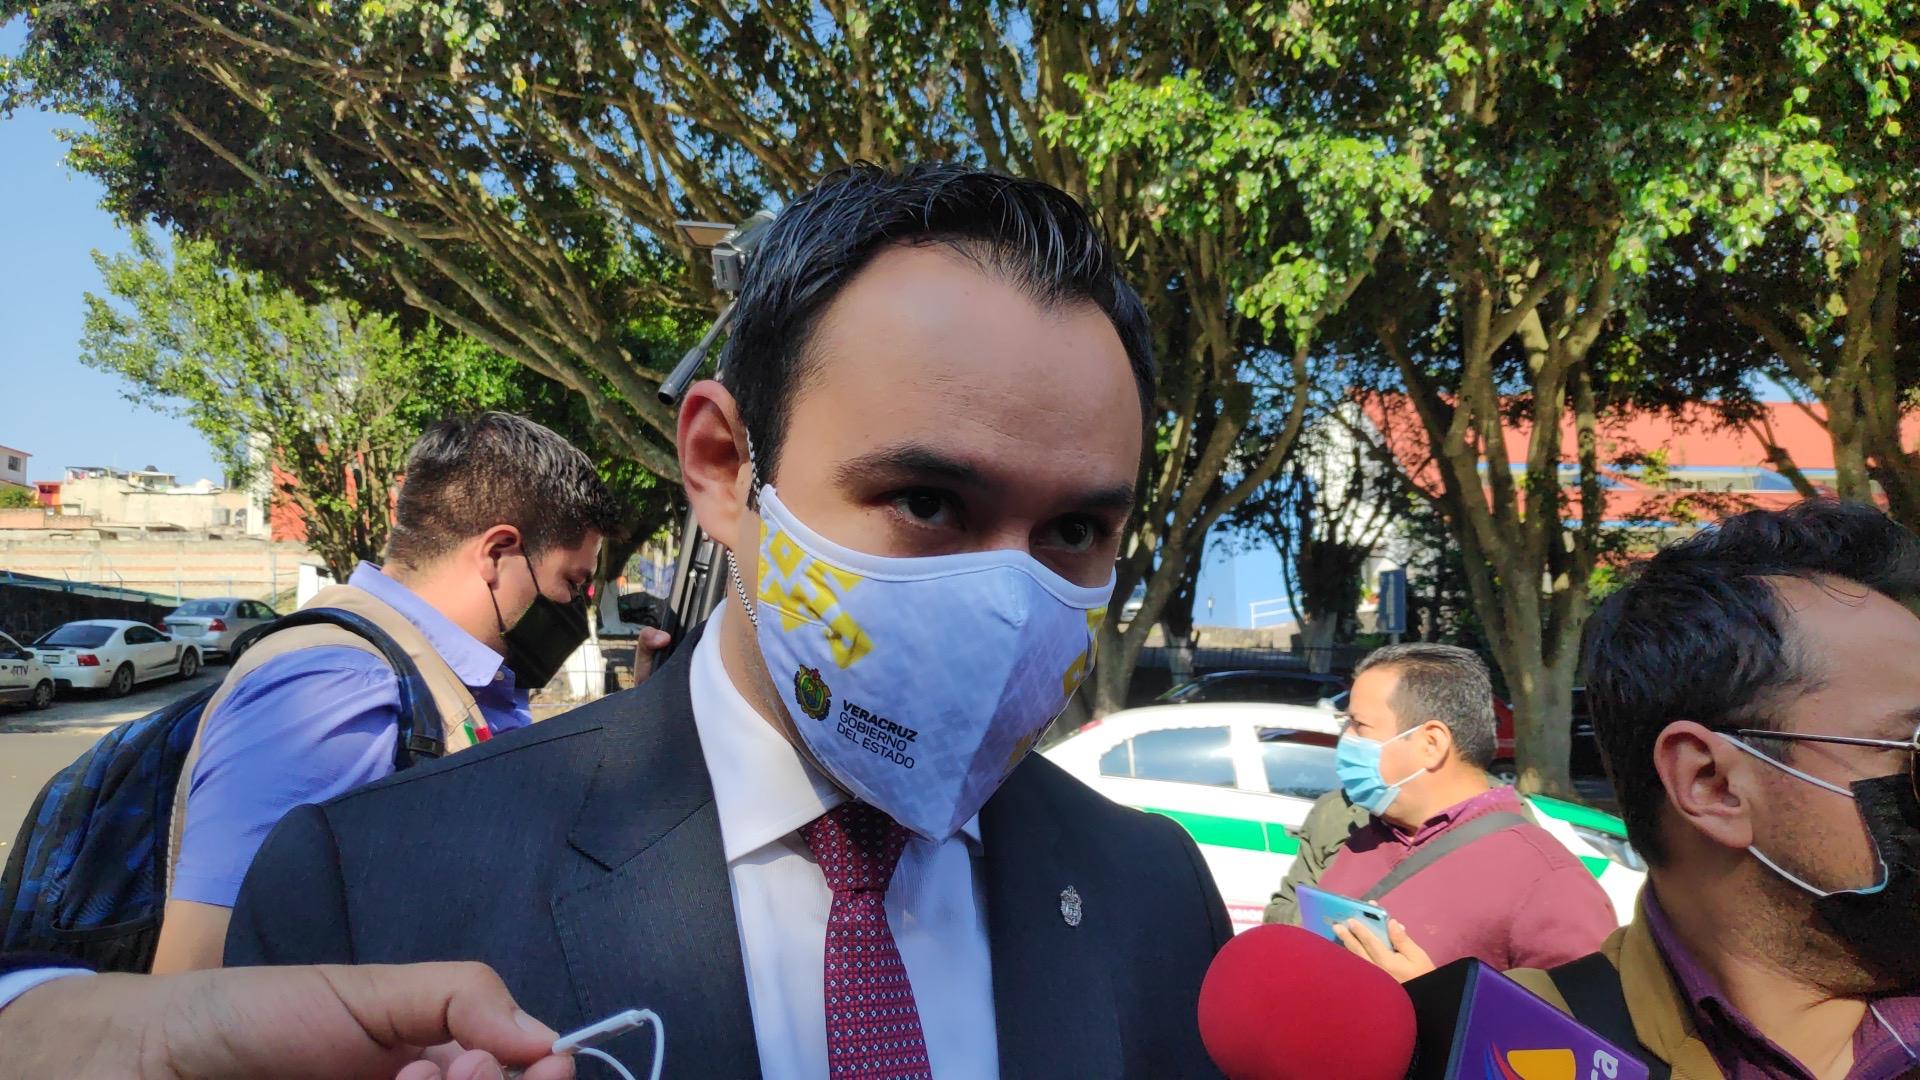 Totalmente justificadas las adjudicaciones directas por temas como salud, seguridad y convenios: Lima